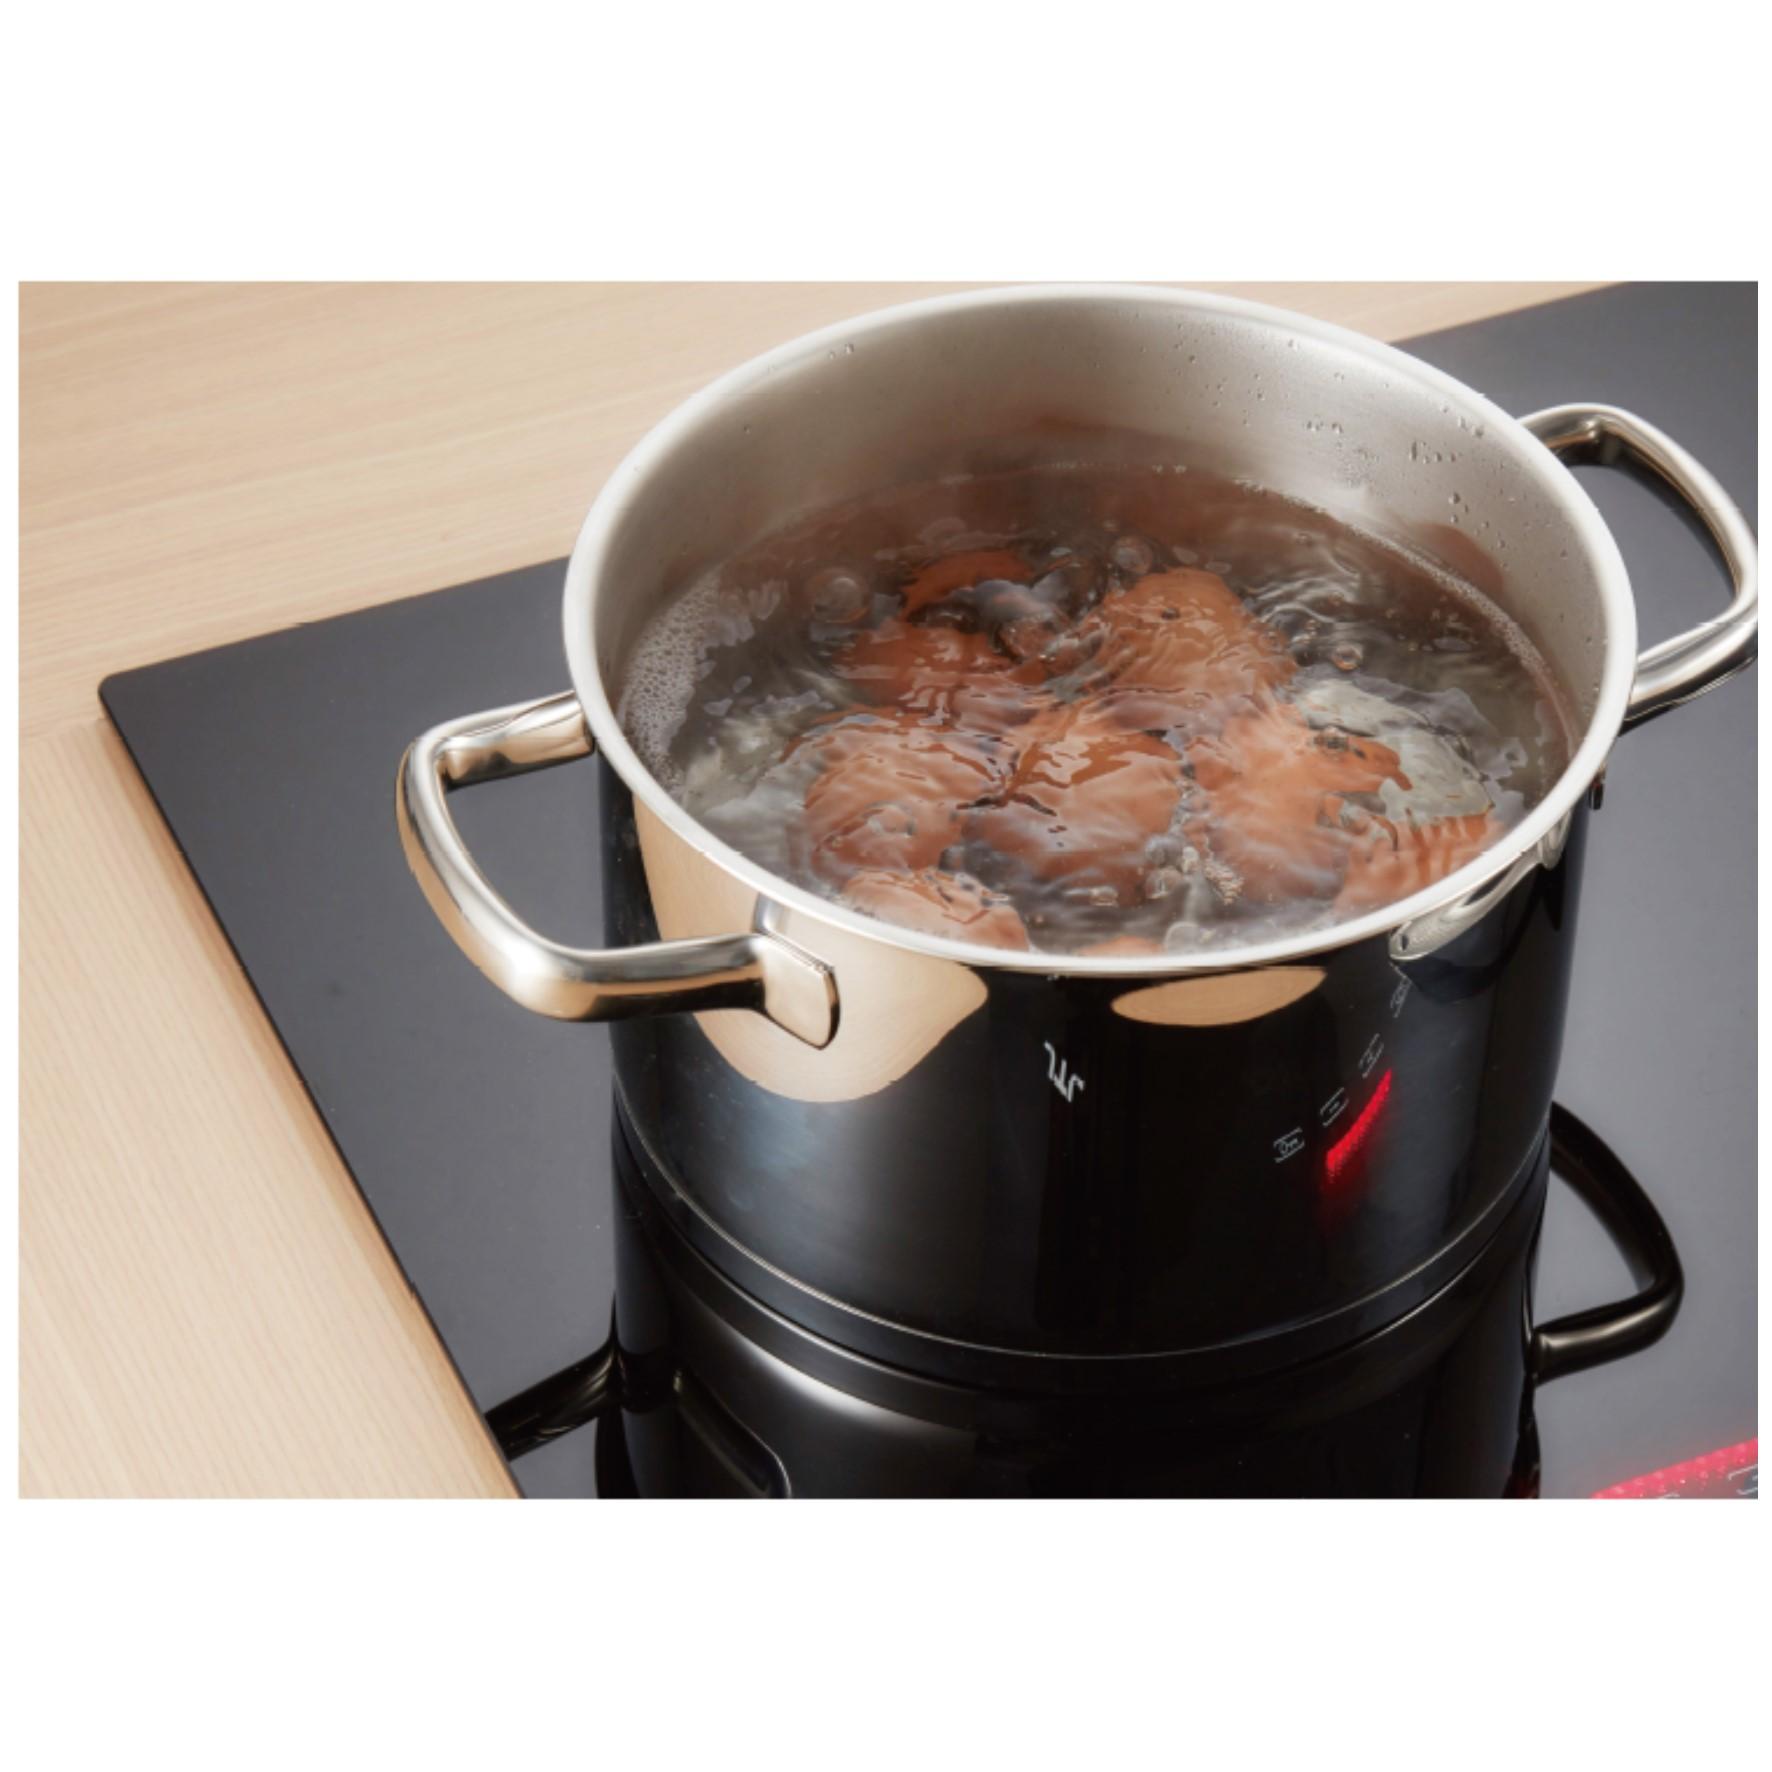 智慧功能鍵  煮食更方便